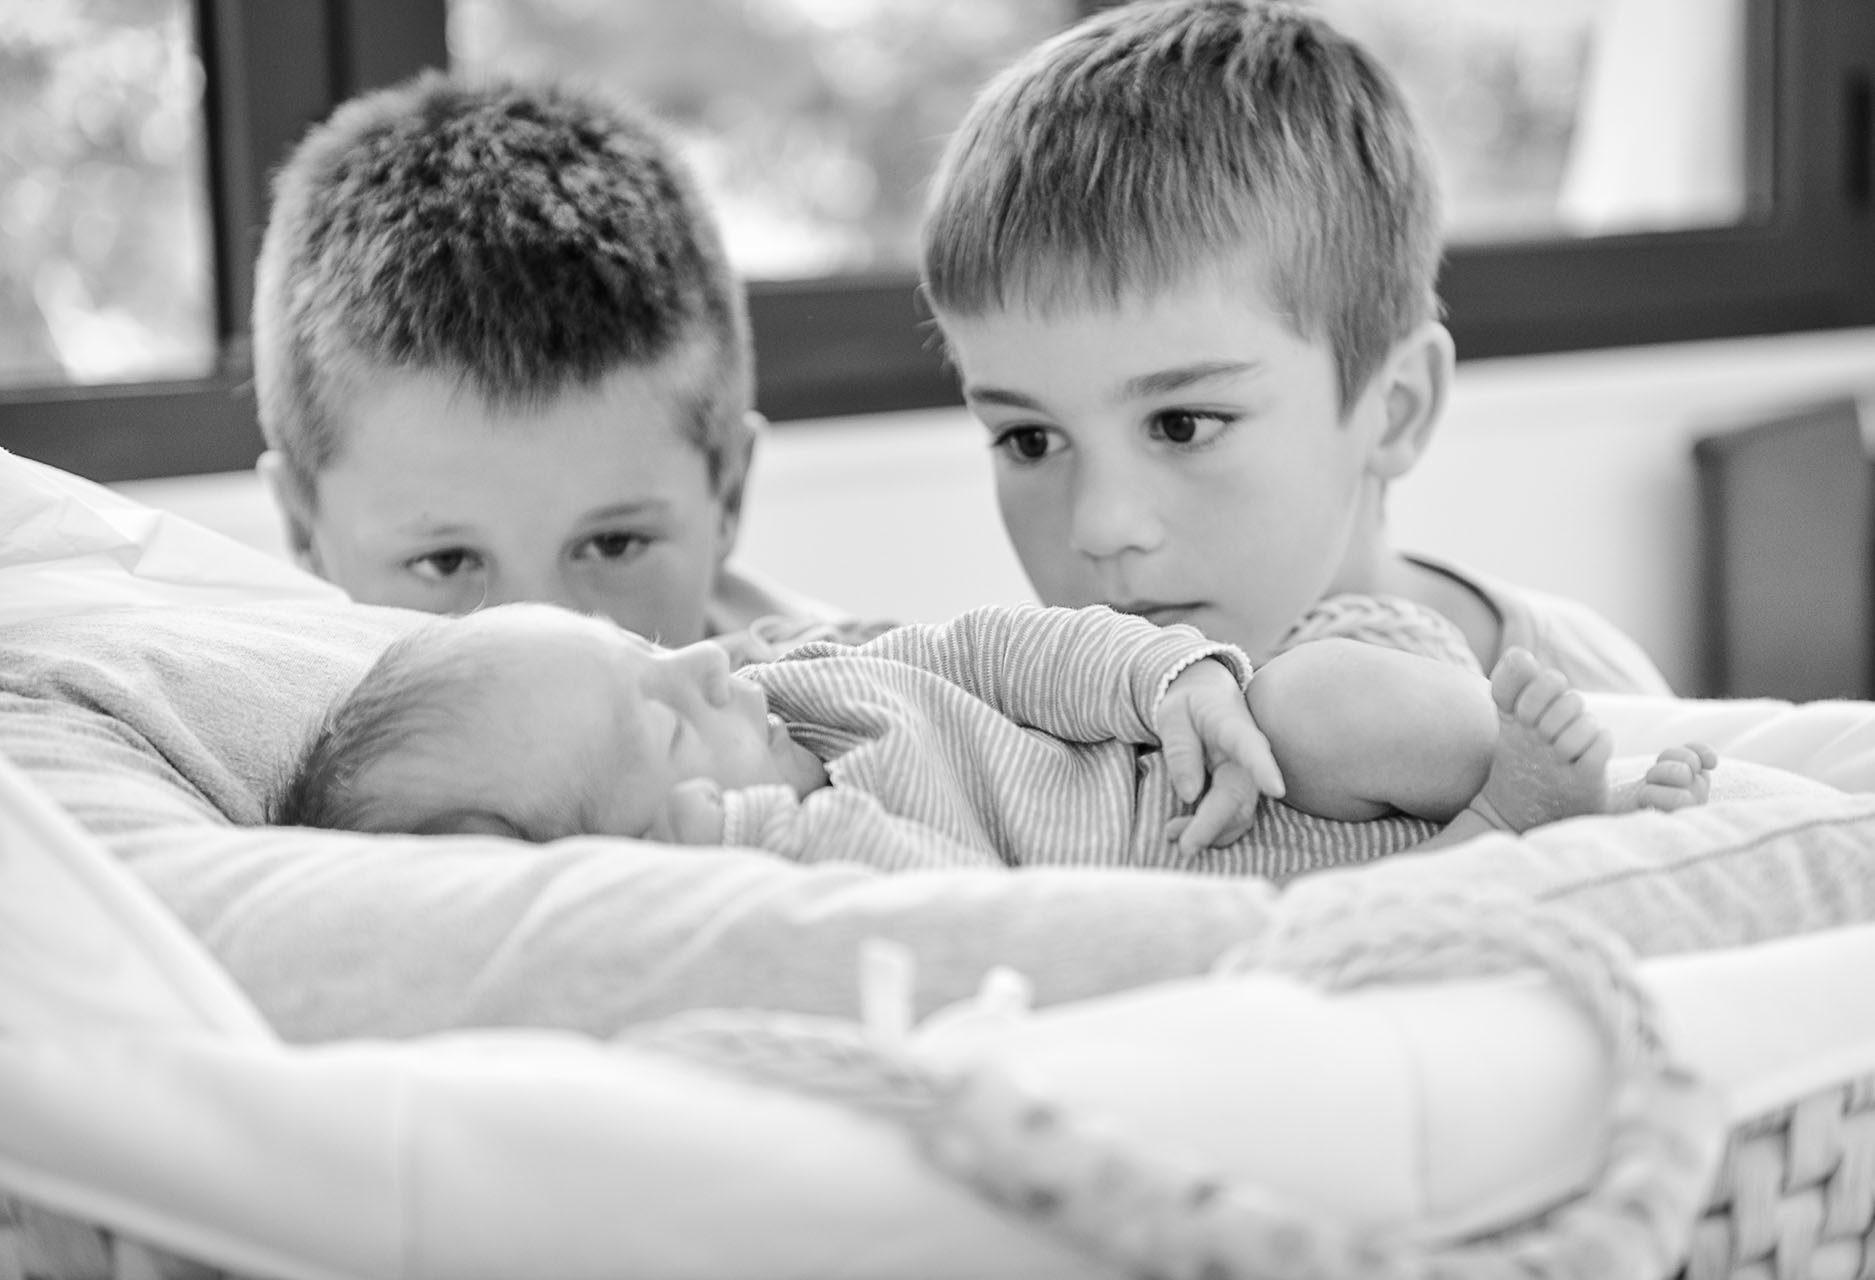 photographe-ile-de-france-hauts-de-seine-portraits-famille